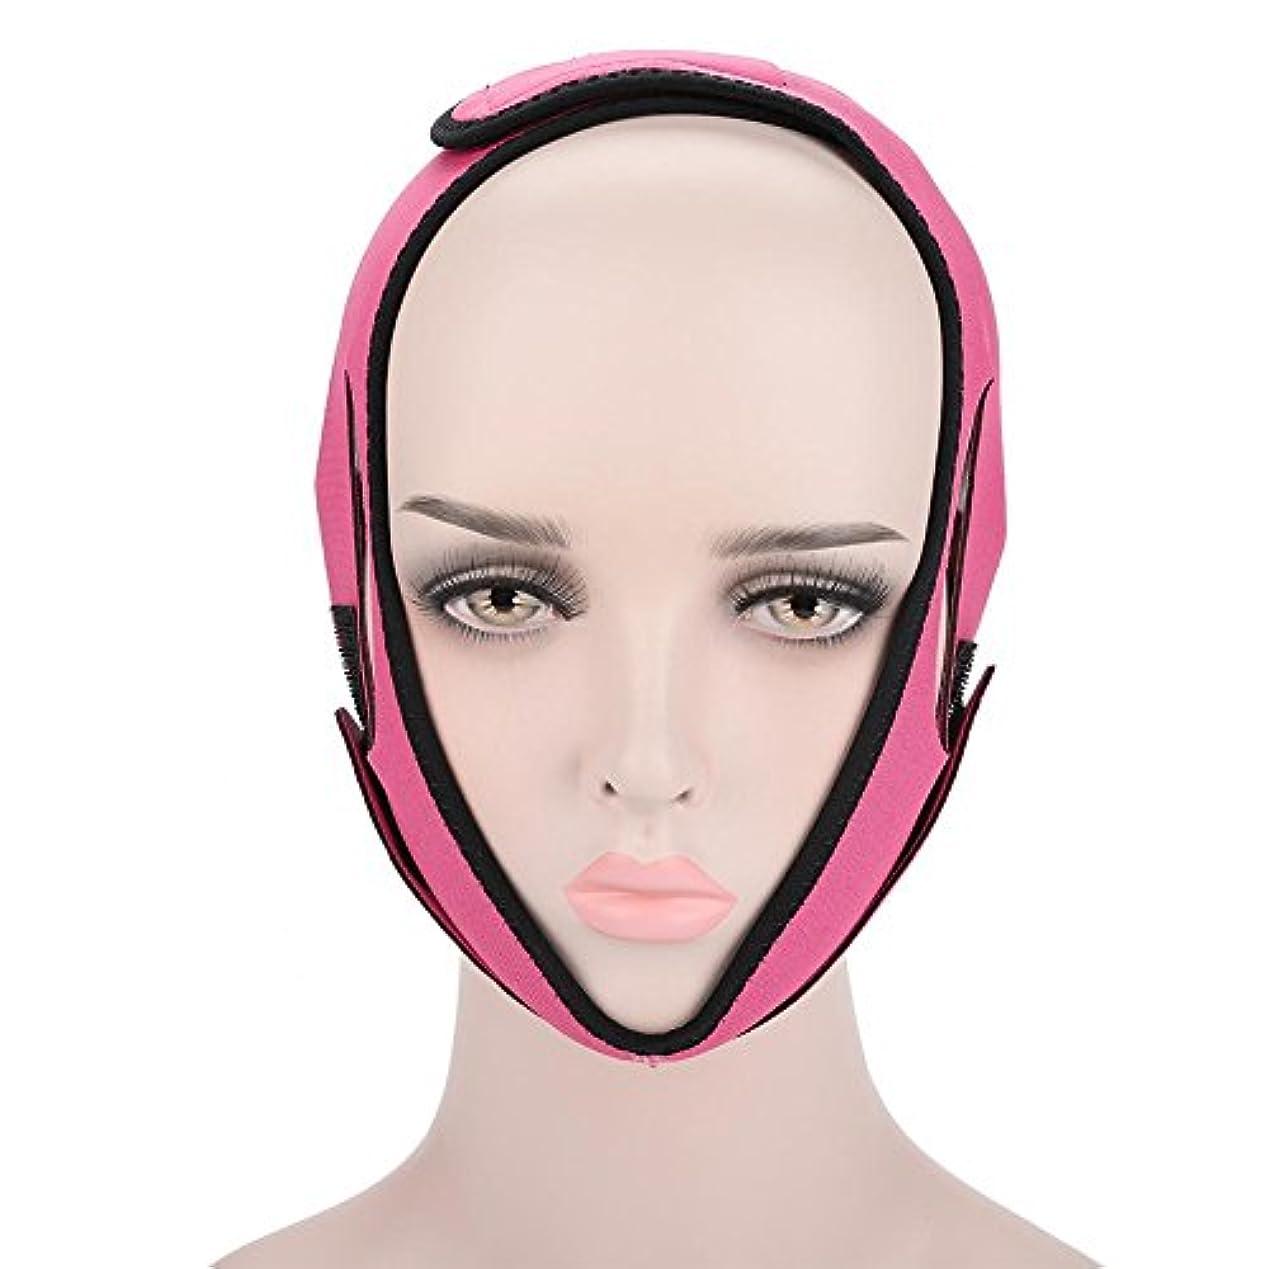 契約したリベラルドラムフェイススリミング包帯 顔の包帯フェイシャルスリミングマスクフェイシャルケアのためのフェイシャルベルト薄い首のフェイスリフトダブルチン女性のための(3#)